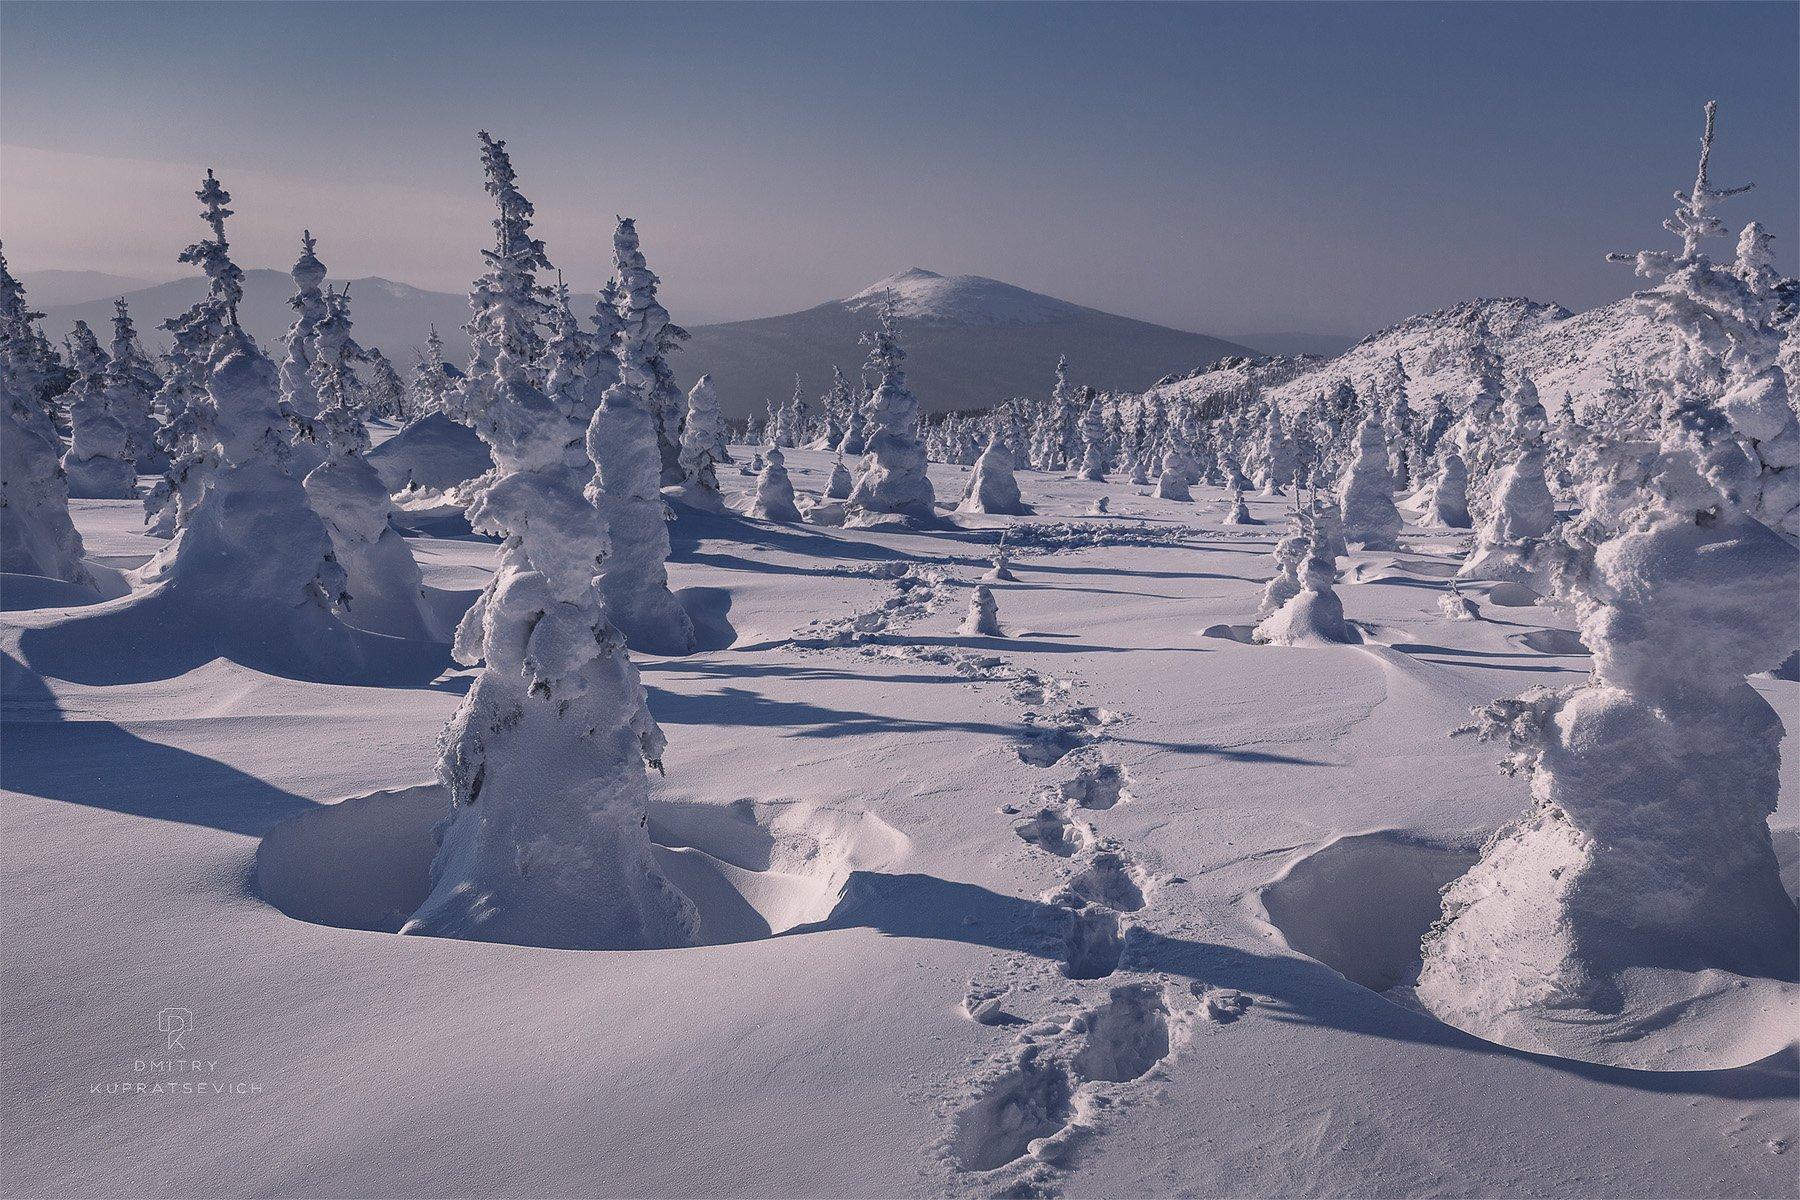 урал, таганай, природа, пейзаж, зима, снег, горы, Купрацевич Дмитрий